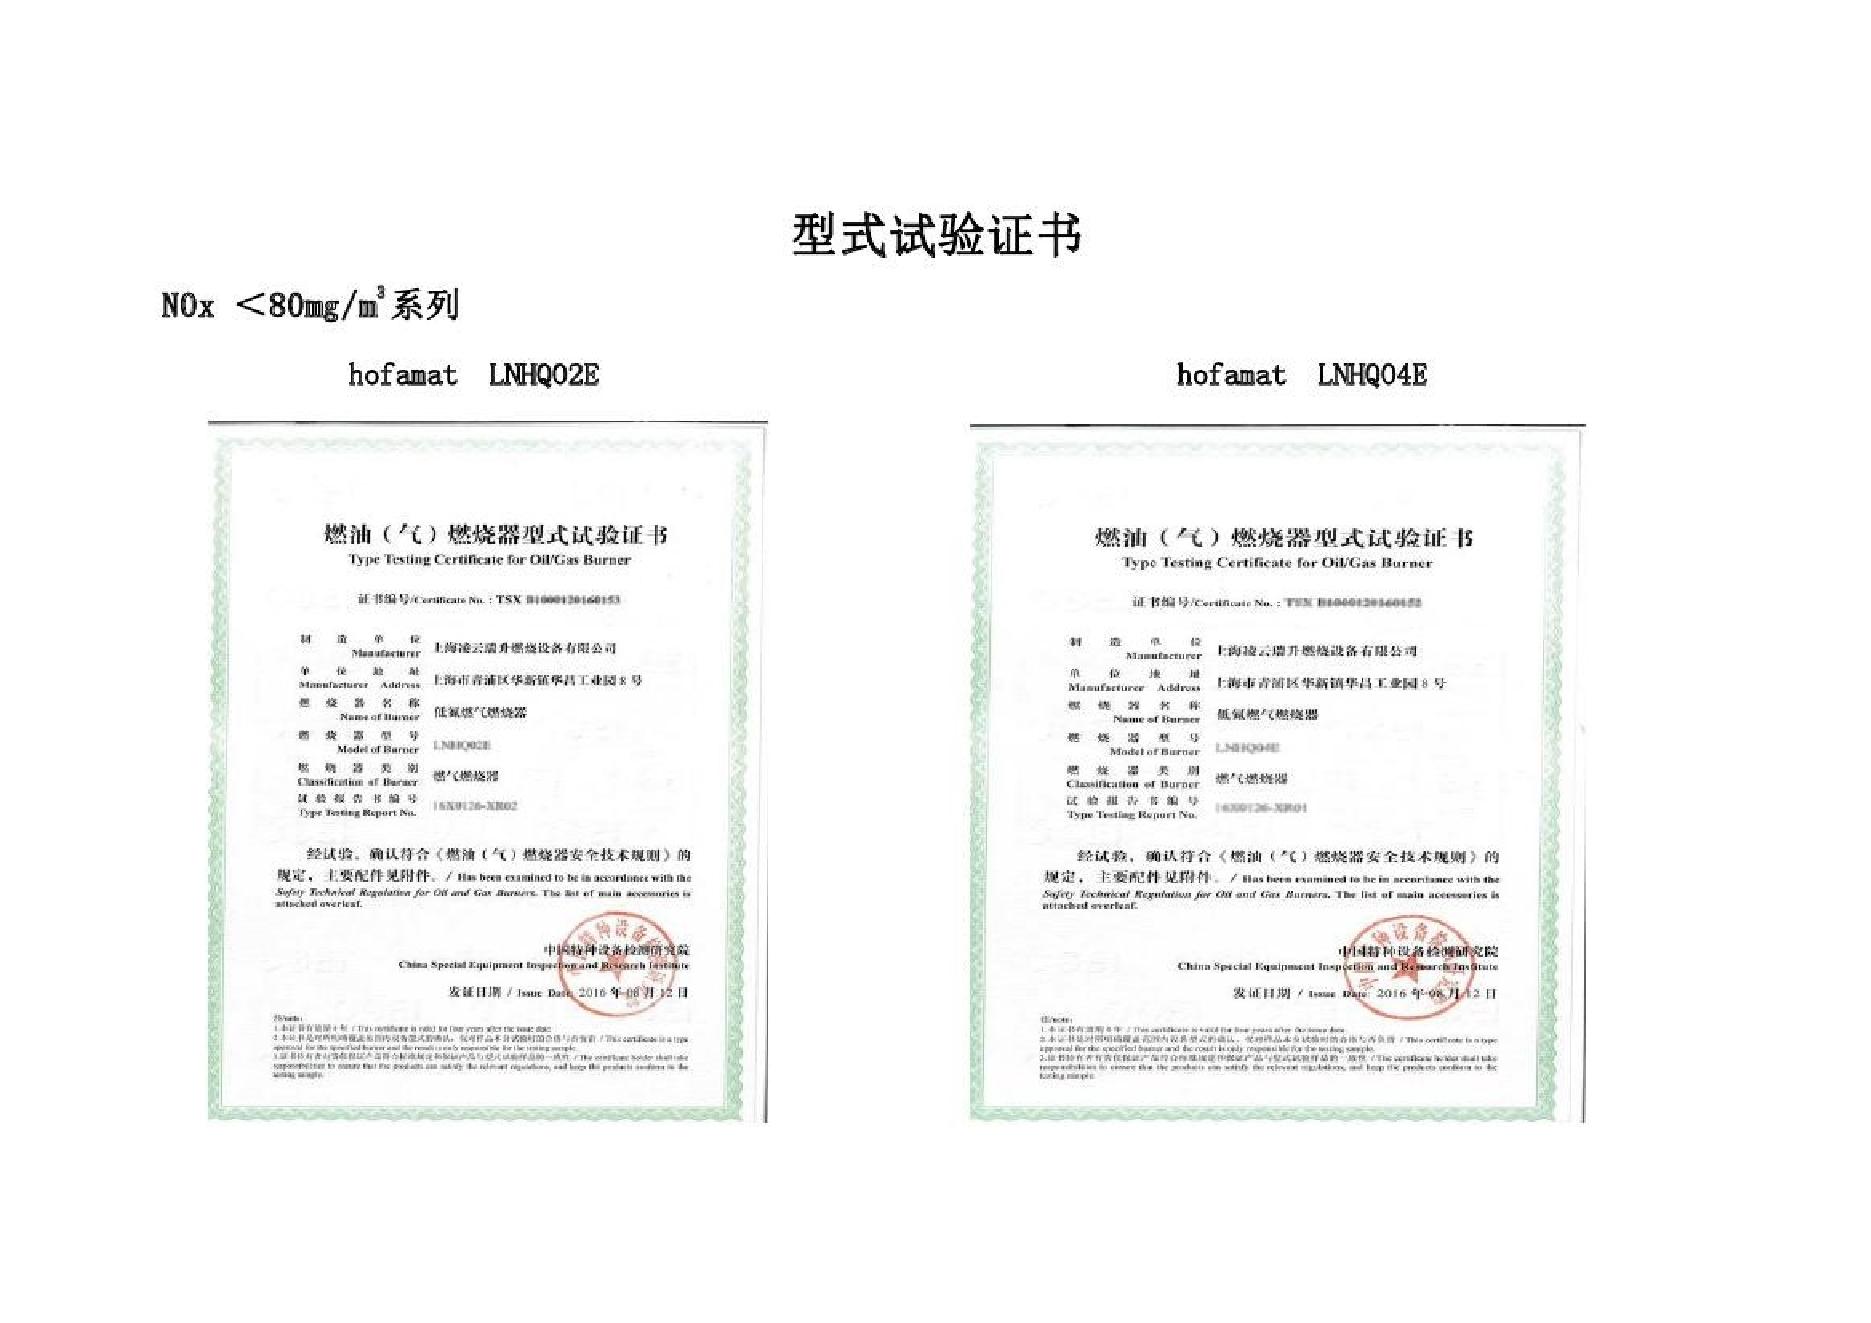 低氮燃烧器型式试验证书(全)